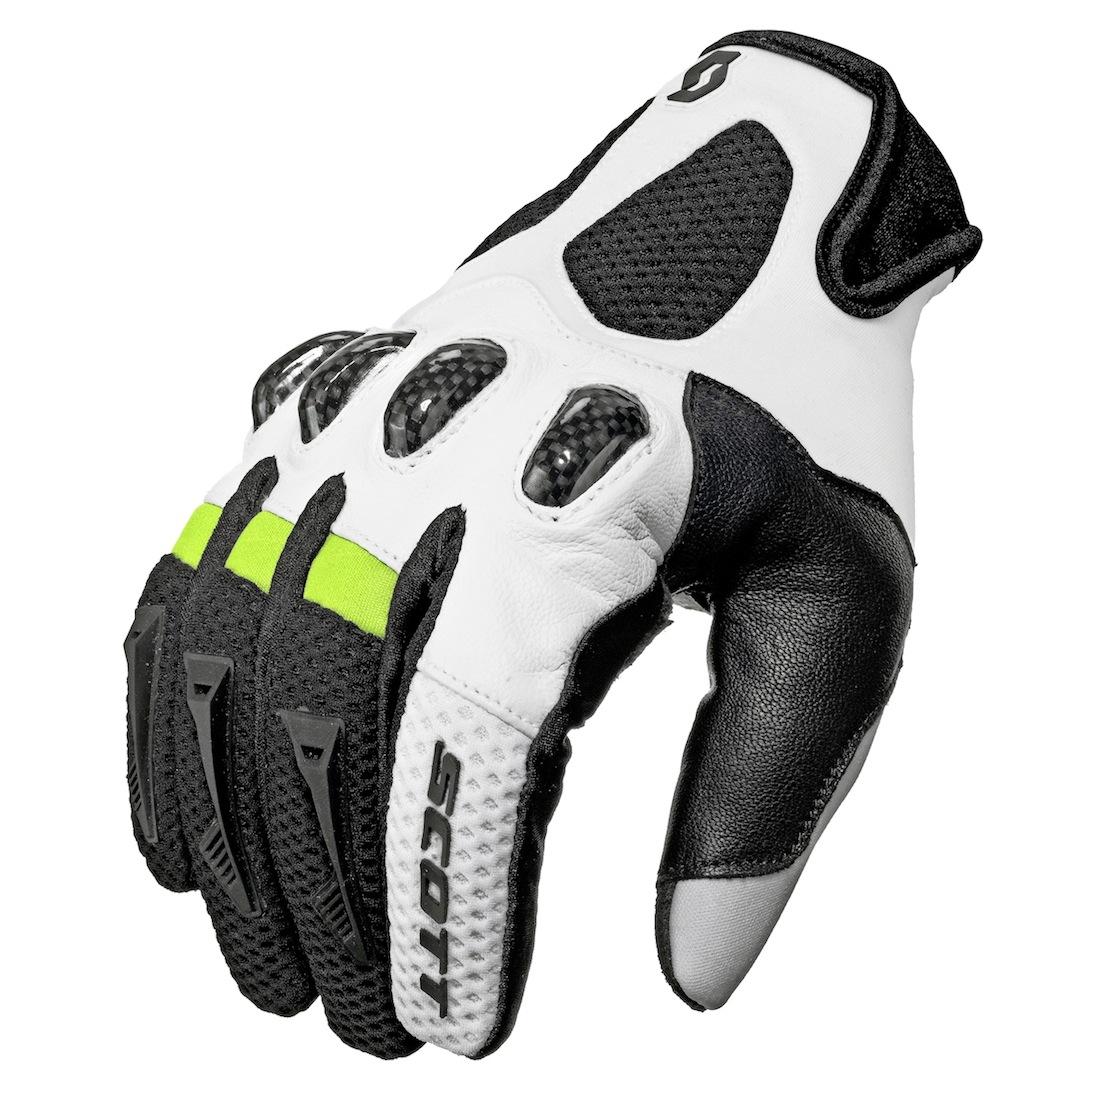 Les gants sportifs Assault, de Scott.